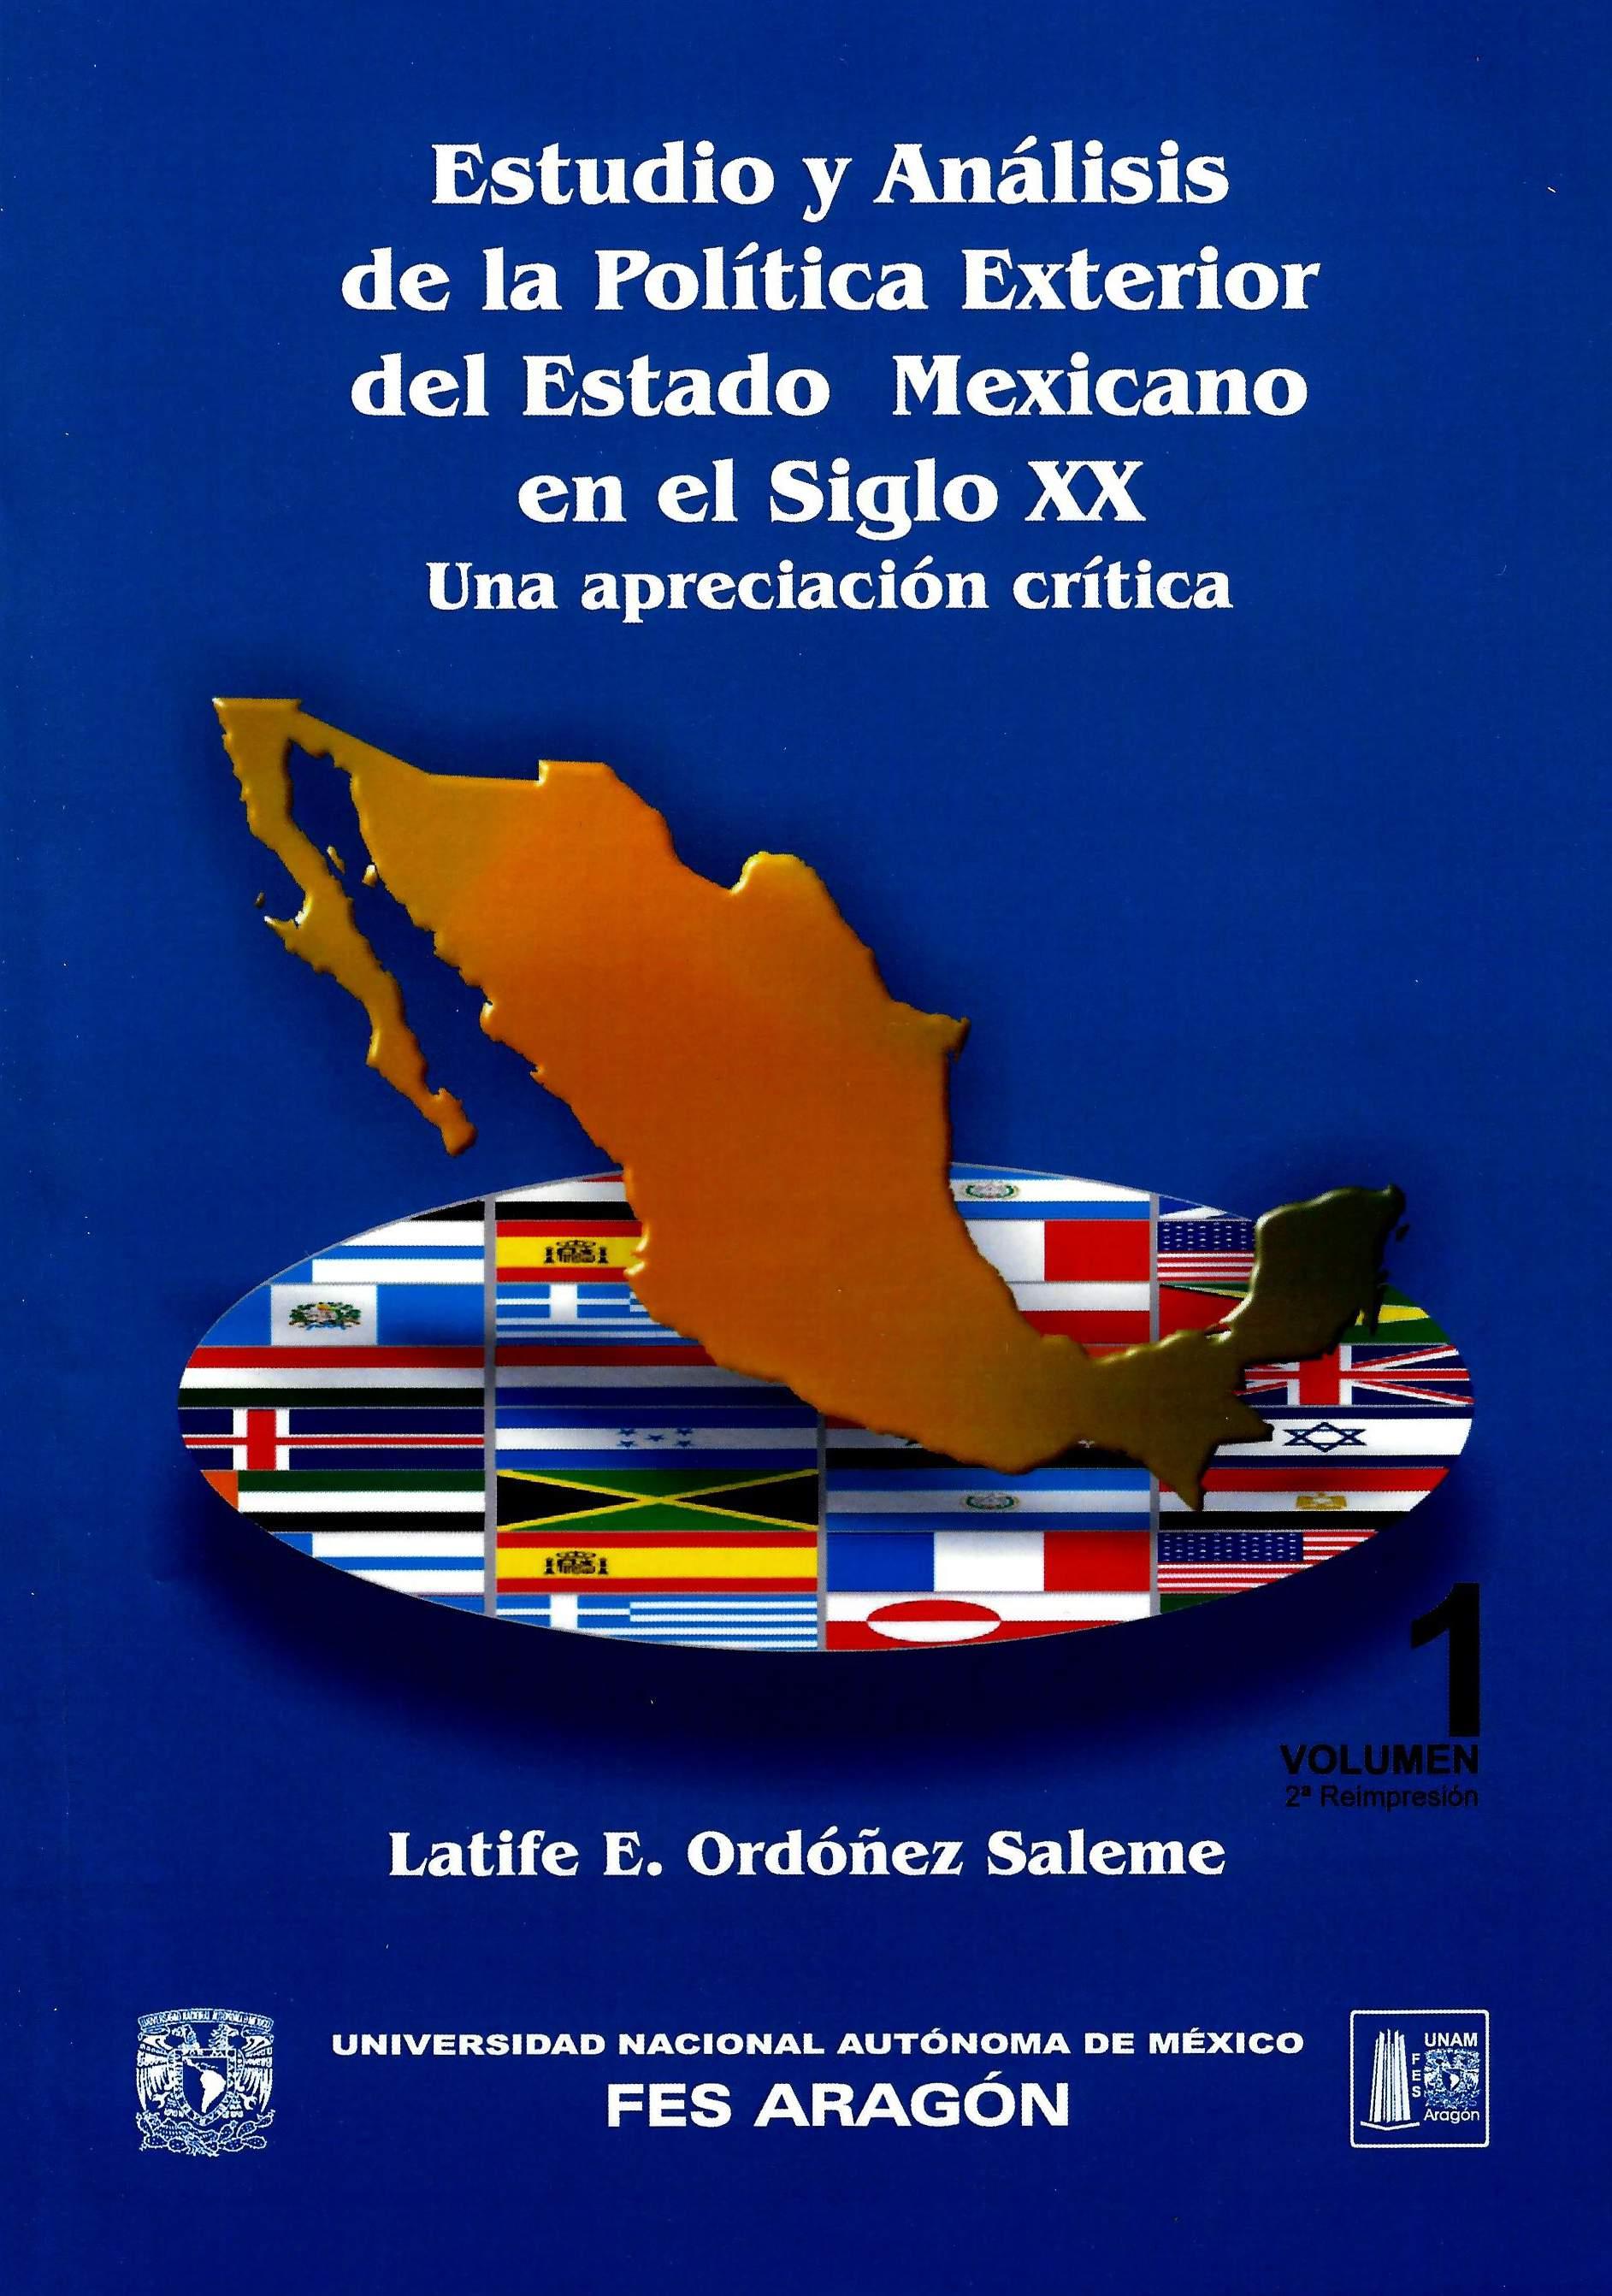 Estudio y análisis de la política exterior del Estado mexicano en el siglo XX Una apreciación crítica. Vol. 1